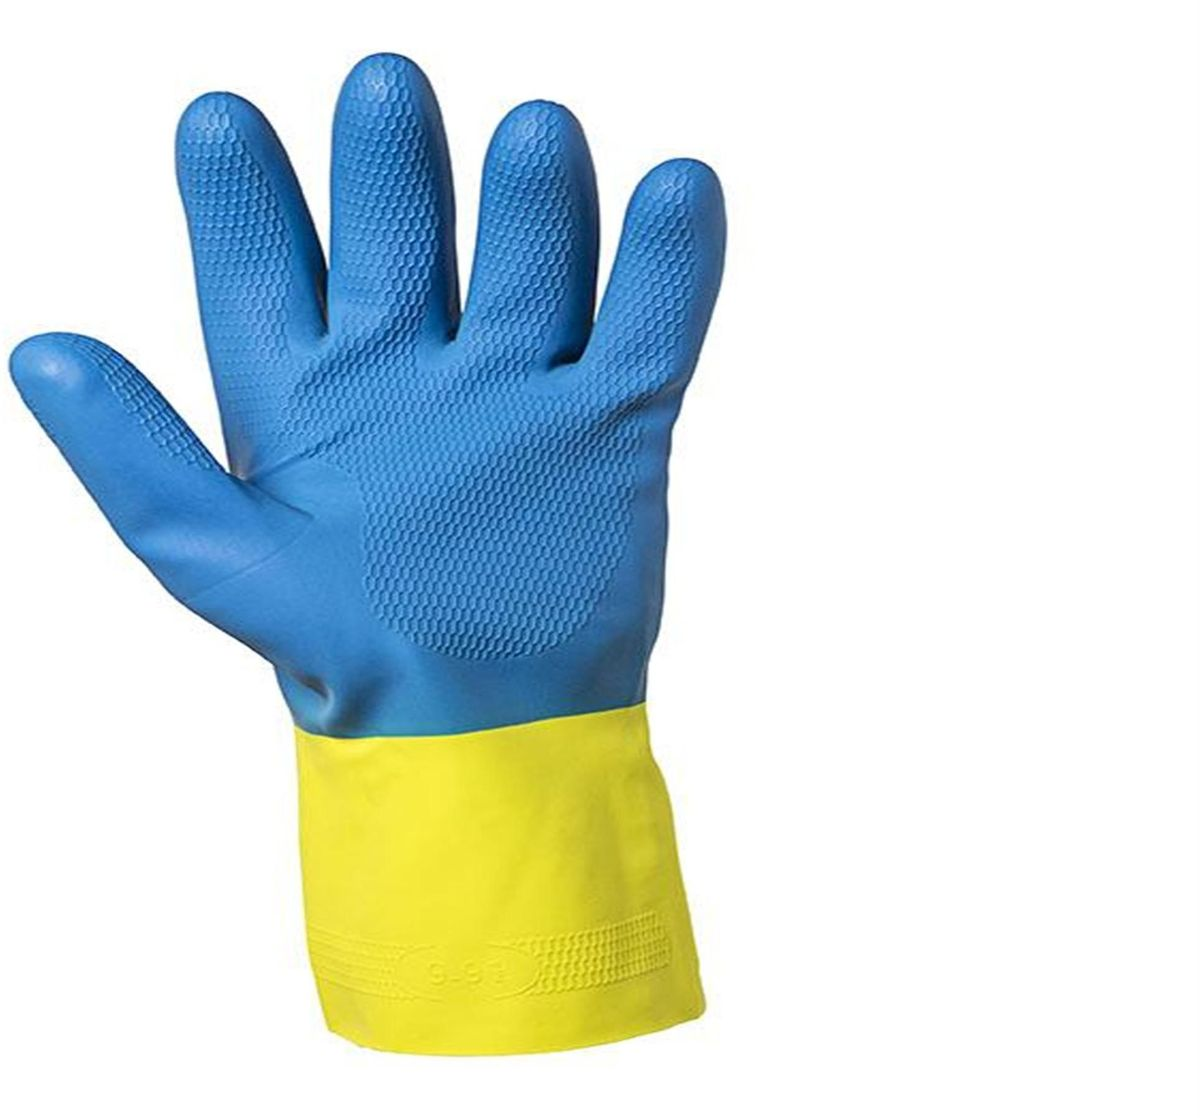 Перчатки хозяйственные Jackson Safety G80, размер 10 (XL), цвет: желтый, голубой, 60 пар21395599Защитные перчатки JACKSON SAFETY® G80 латекс/неопрен для защиты от химических веществ подходят для целого спектра областей применения: обеспечивают надежную защиту от воздействия химических веществ. Относятся к СИЗ категории III (CE Complex), а также обеспечивают защиту от механического воздействия в тех областях, где работают с химическими веществами, маслами, густыми смазками, кислотами, каустическими средствами или растворителями. Разрешен контакт с пищевыми продуктами. Поставляются в виде пары перчаток с индивидуальным дизайном для левой и правой руки; толщина 0,70 мм; имеют неопреновое покрытие поверх латекса для обеспечения максимальной защиты, а также для улучшения гибкости материала. Удлиненные манжеты, текстурированный материал в области ладони обеспечивает отличный захват при работе сухими/влажными поверхностями; хлопковое напыление на внутренней стороне перчатки обеспечивает легкость при надевании/снятии перчатки, а также комфорт при длительном использовании. Хлорированы для снижения воздействия латексных протеинов на кожу.Размеры:38741 - S (7)38742 - M (8)38743 - L (9)38744 - XL (10)